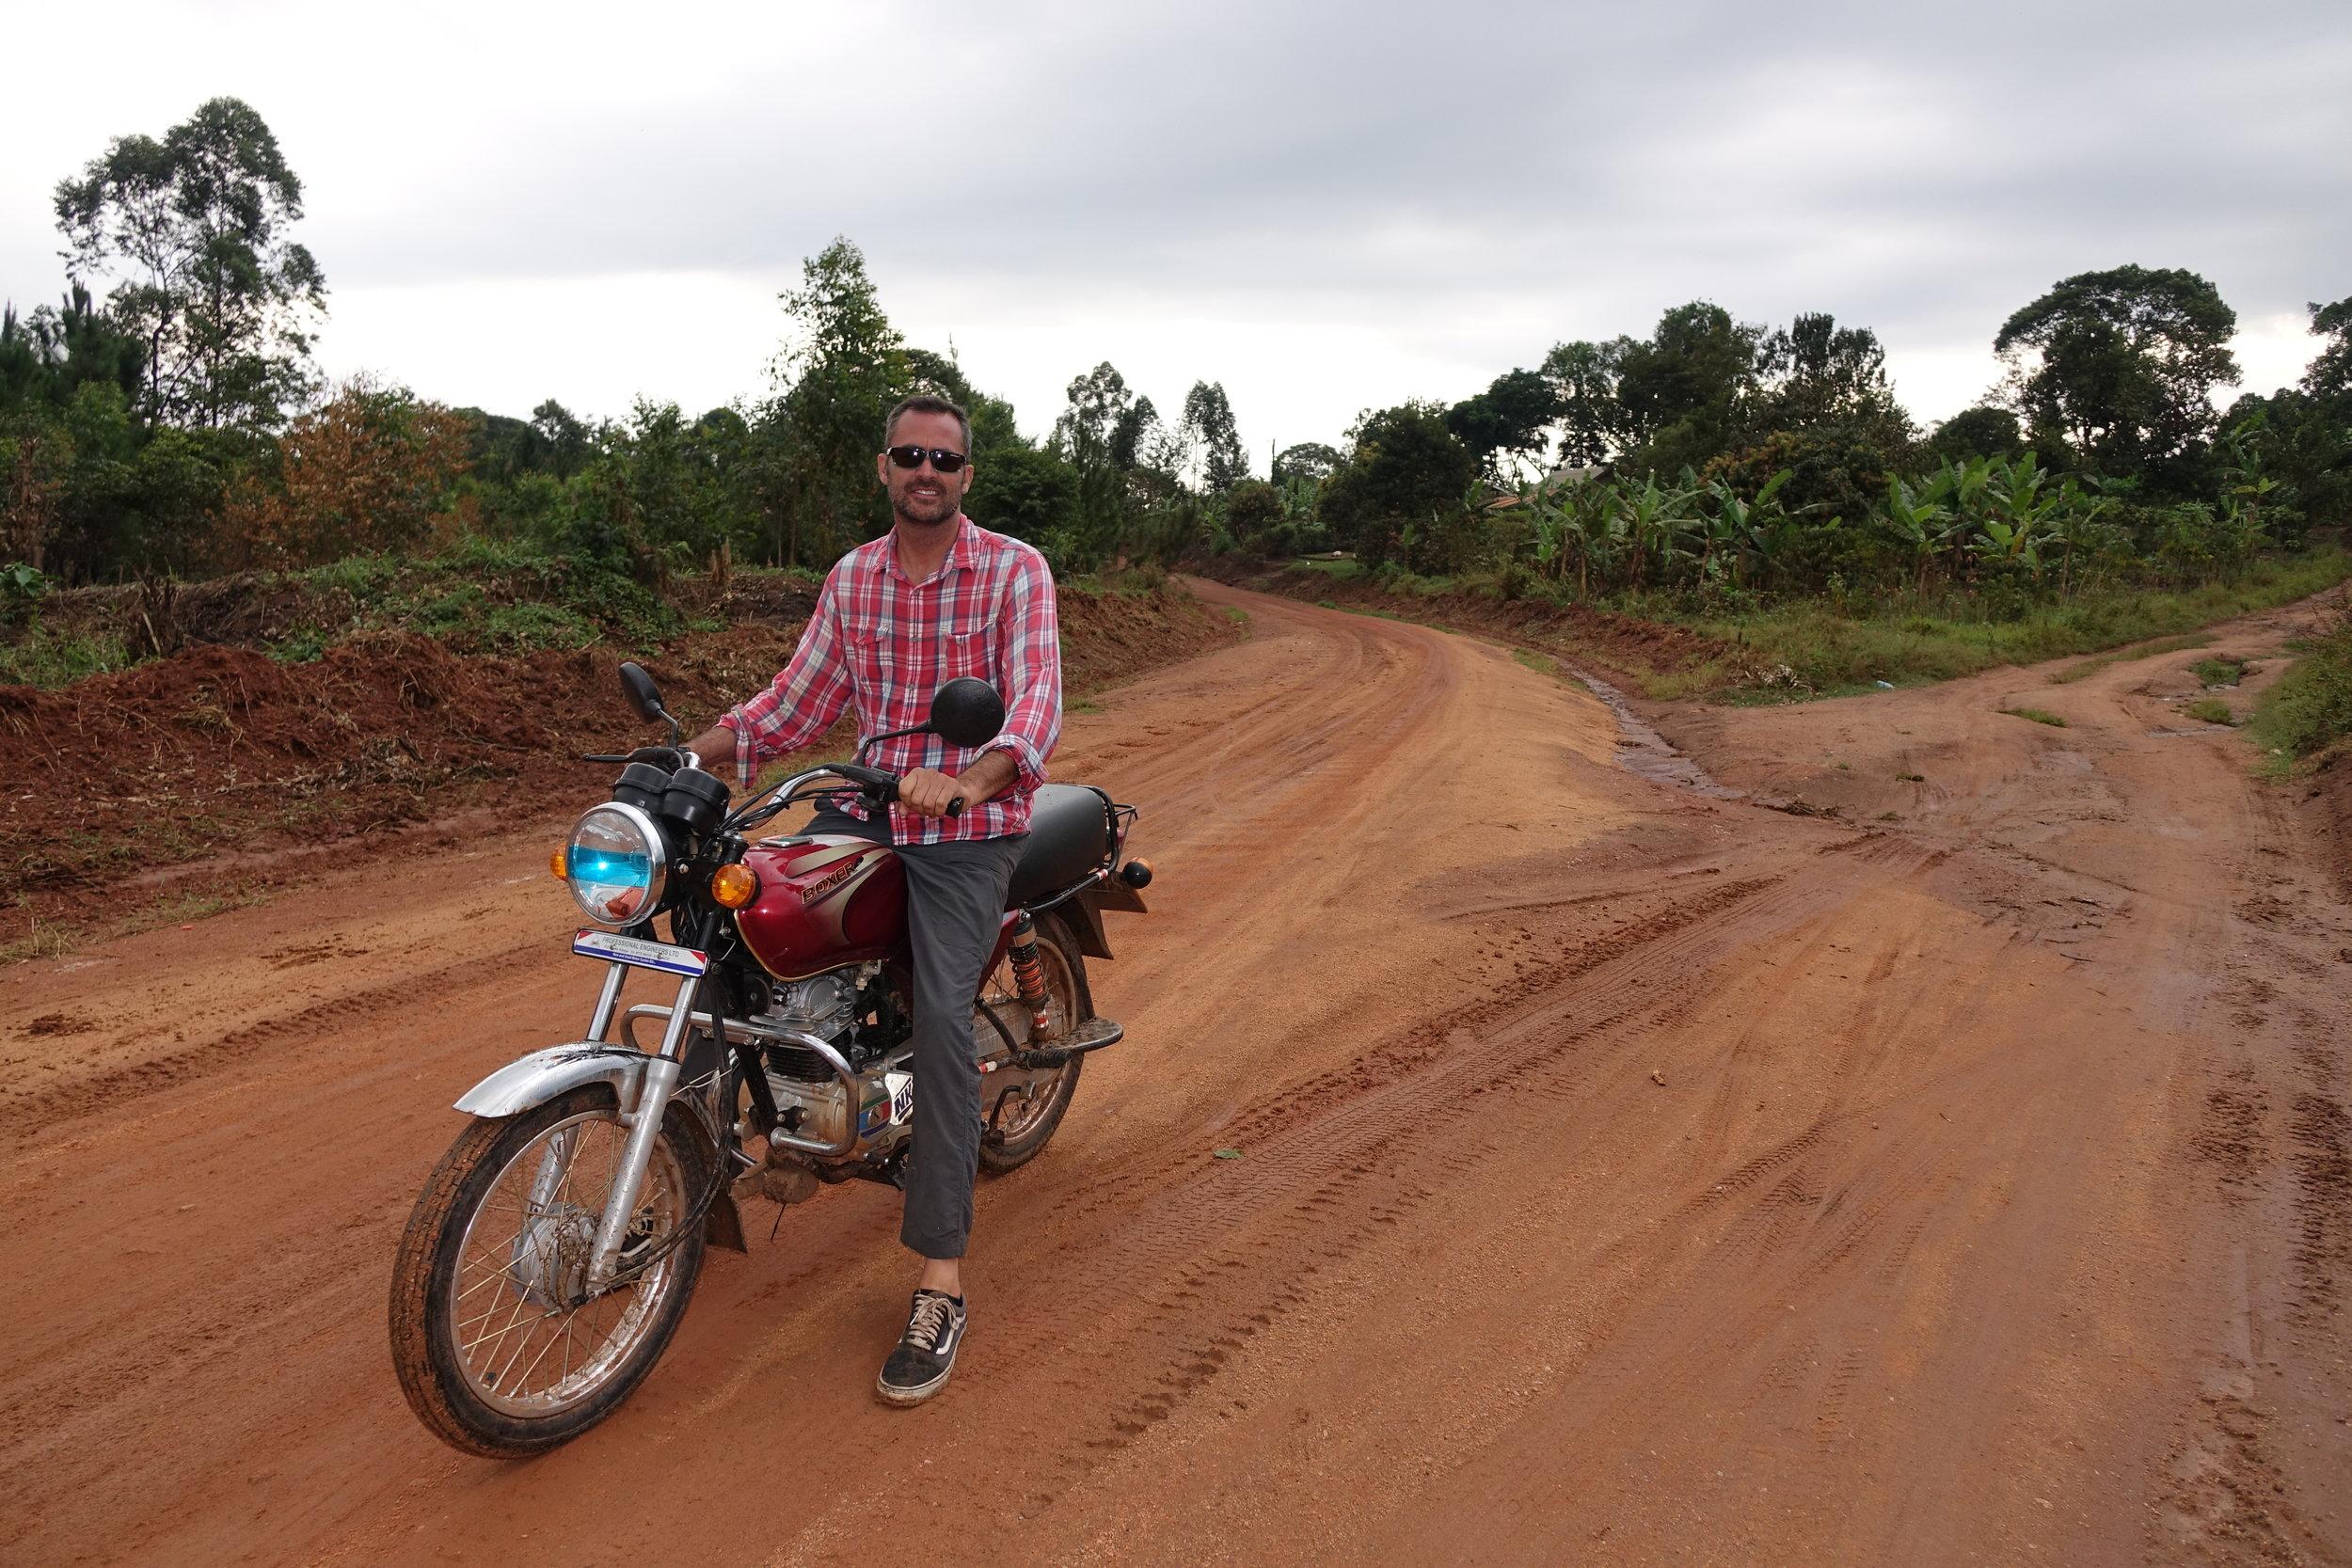 World Riders Foundation founder, Mike Haley, on a boda boda in rural Uganda.